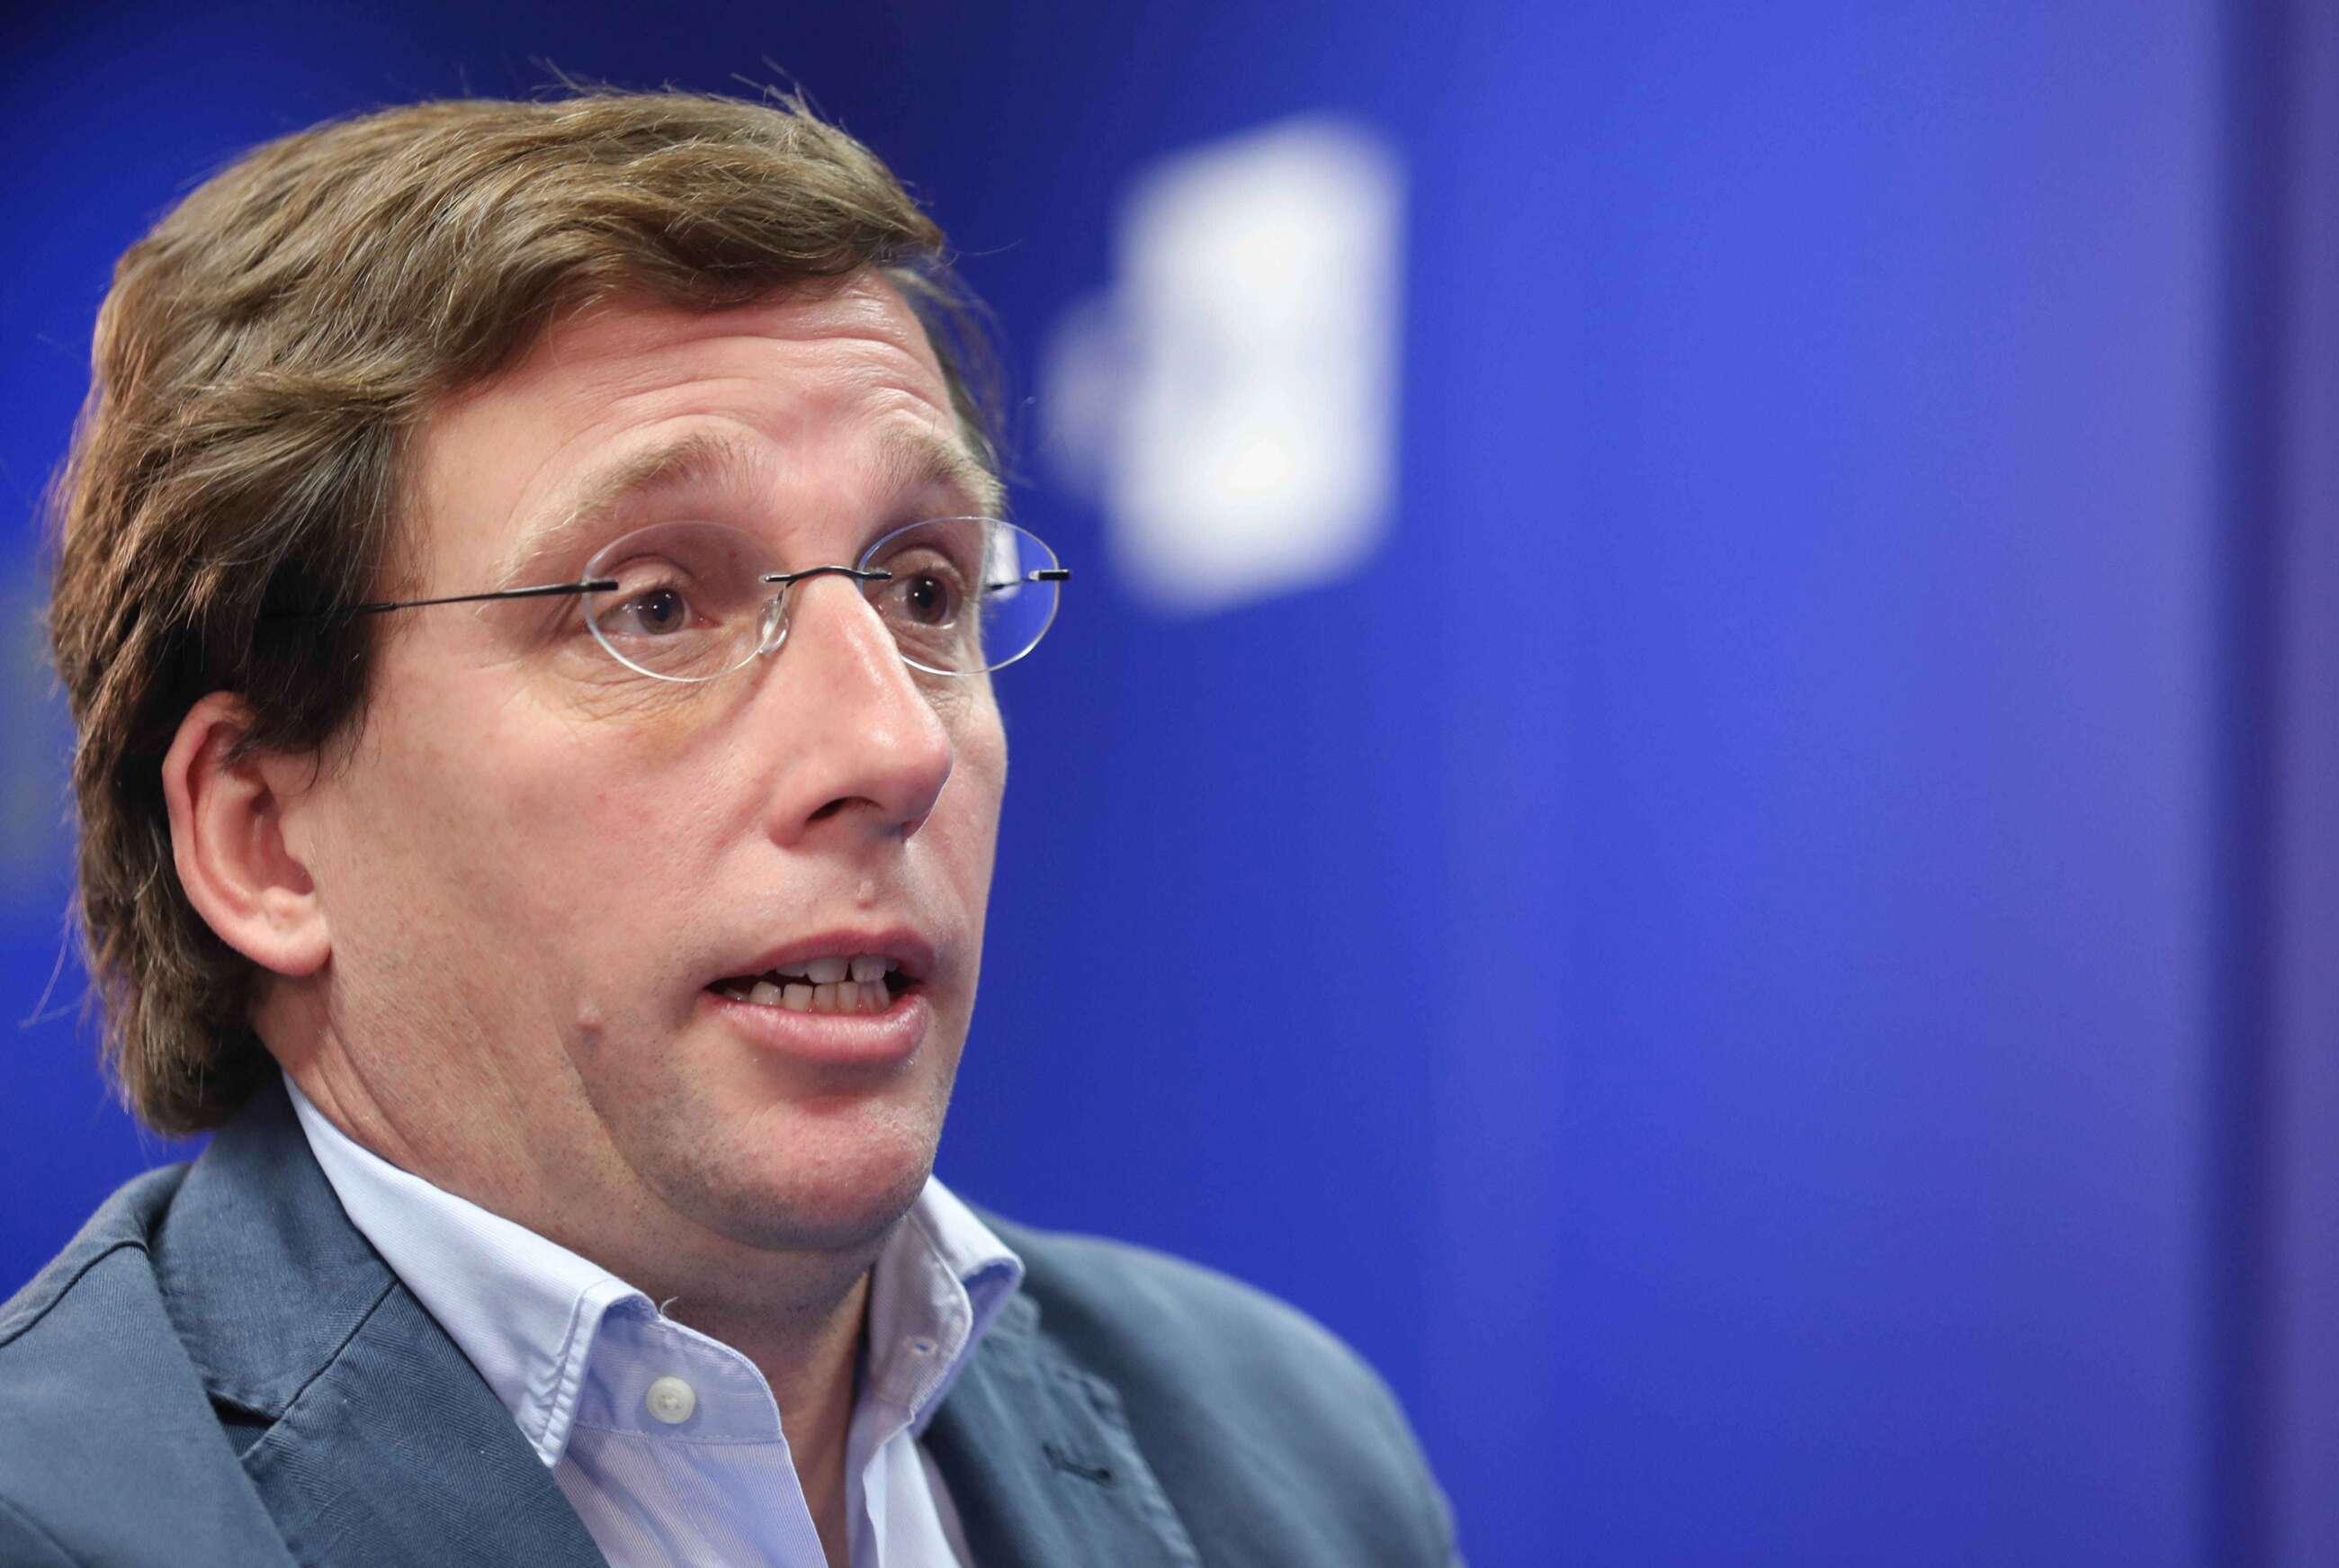 El alcalde de Madrid y portavoz nacional del Partido Popular, José Luis Martínez Almeida